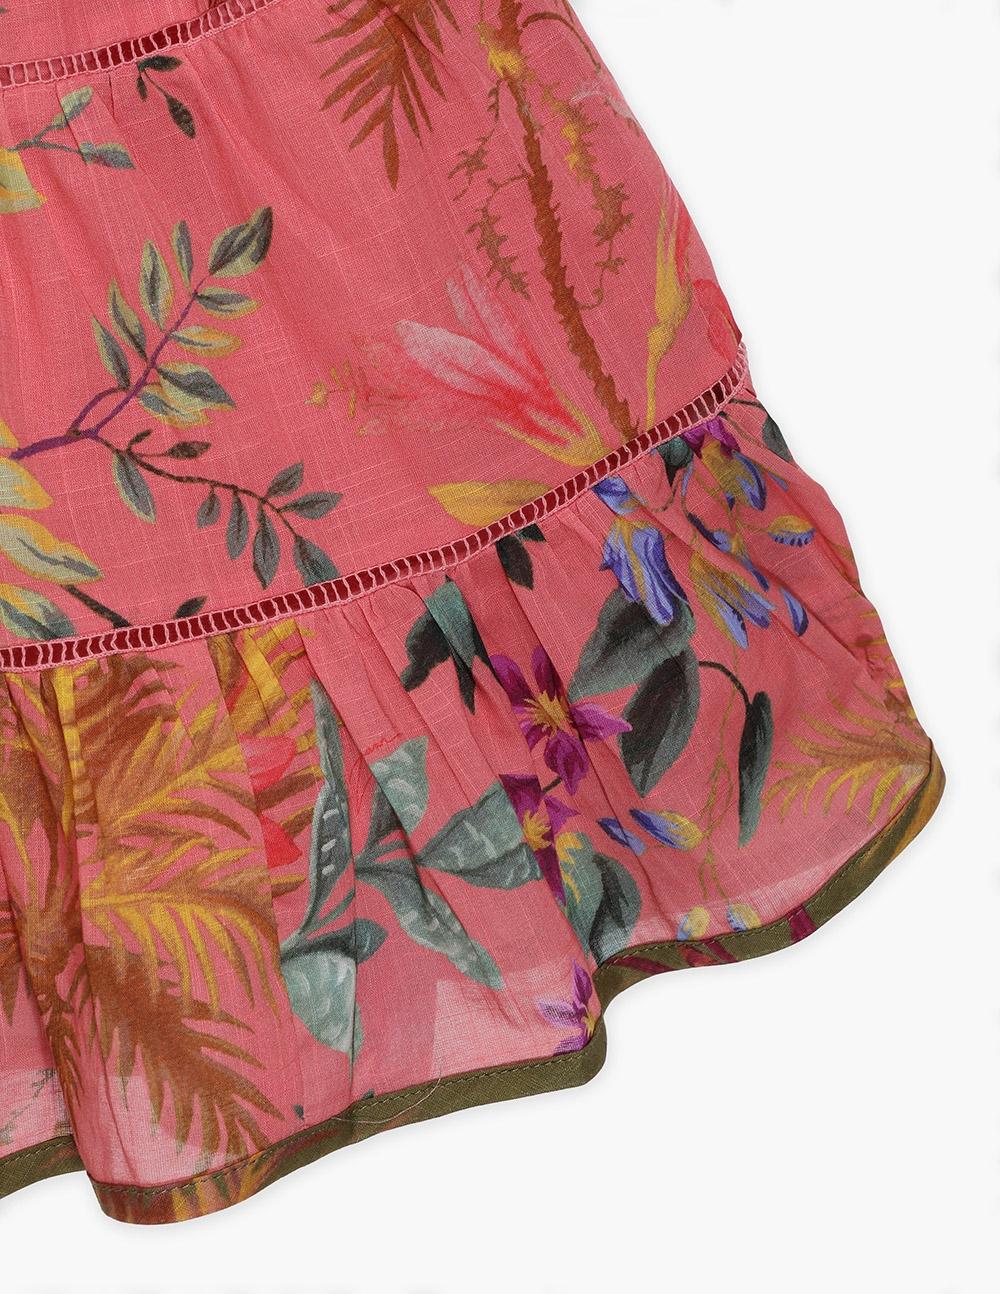 Tropicana Flounce Skirt